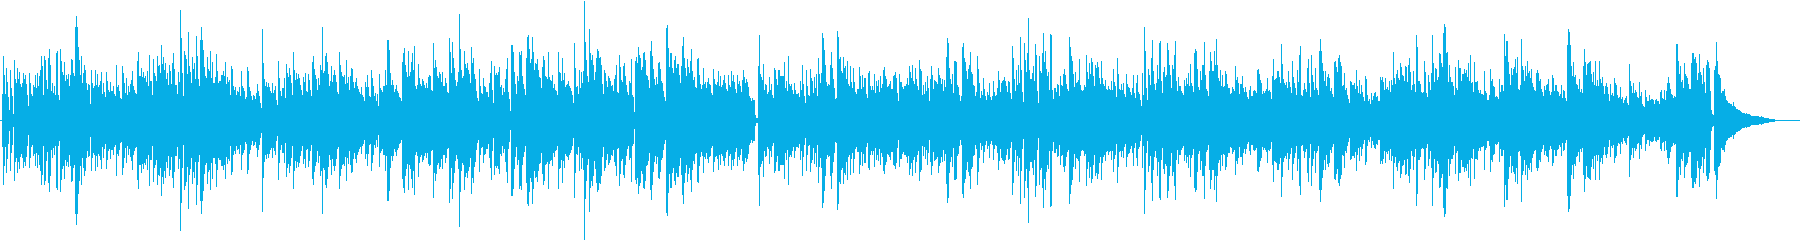 生演奏アコギ お出かけの暖かな陽気の再生済みの波形